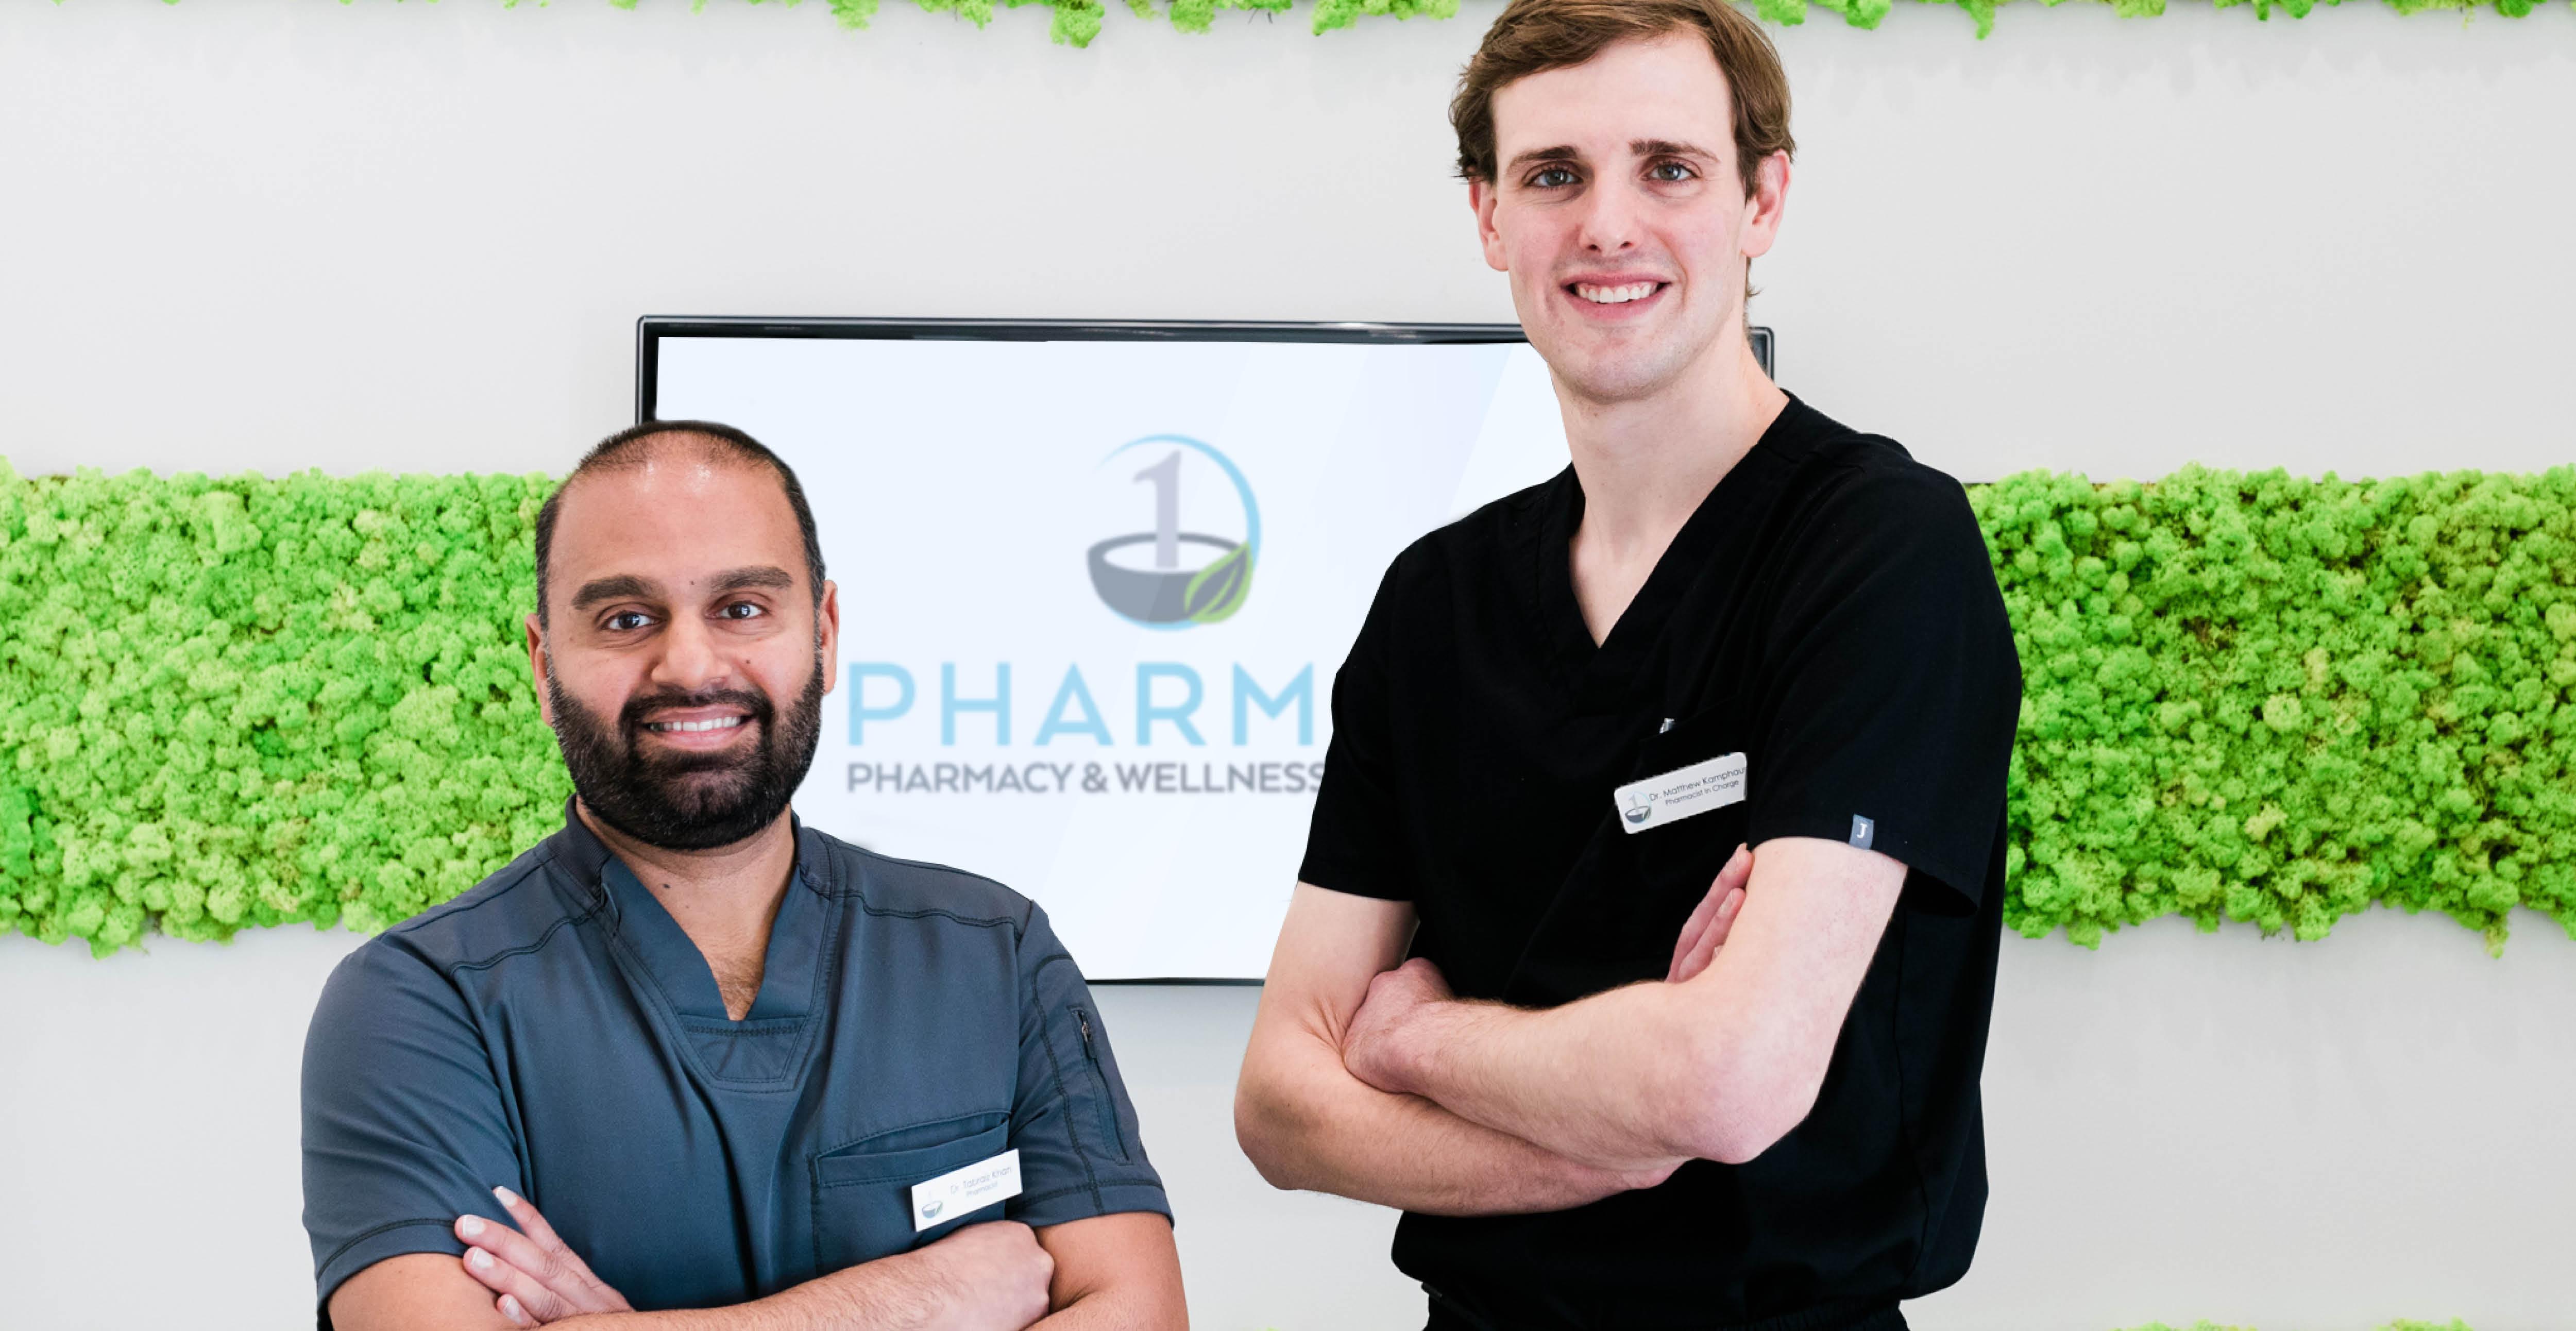 Pharma1 Pharmacy